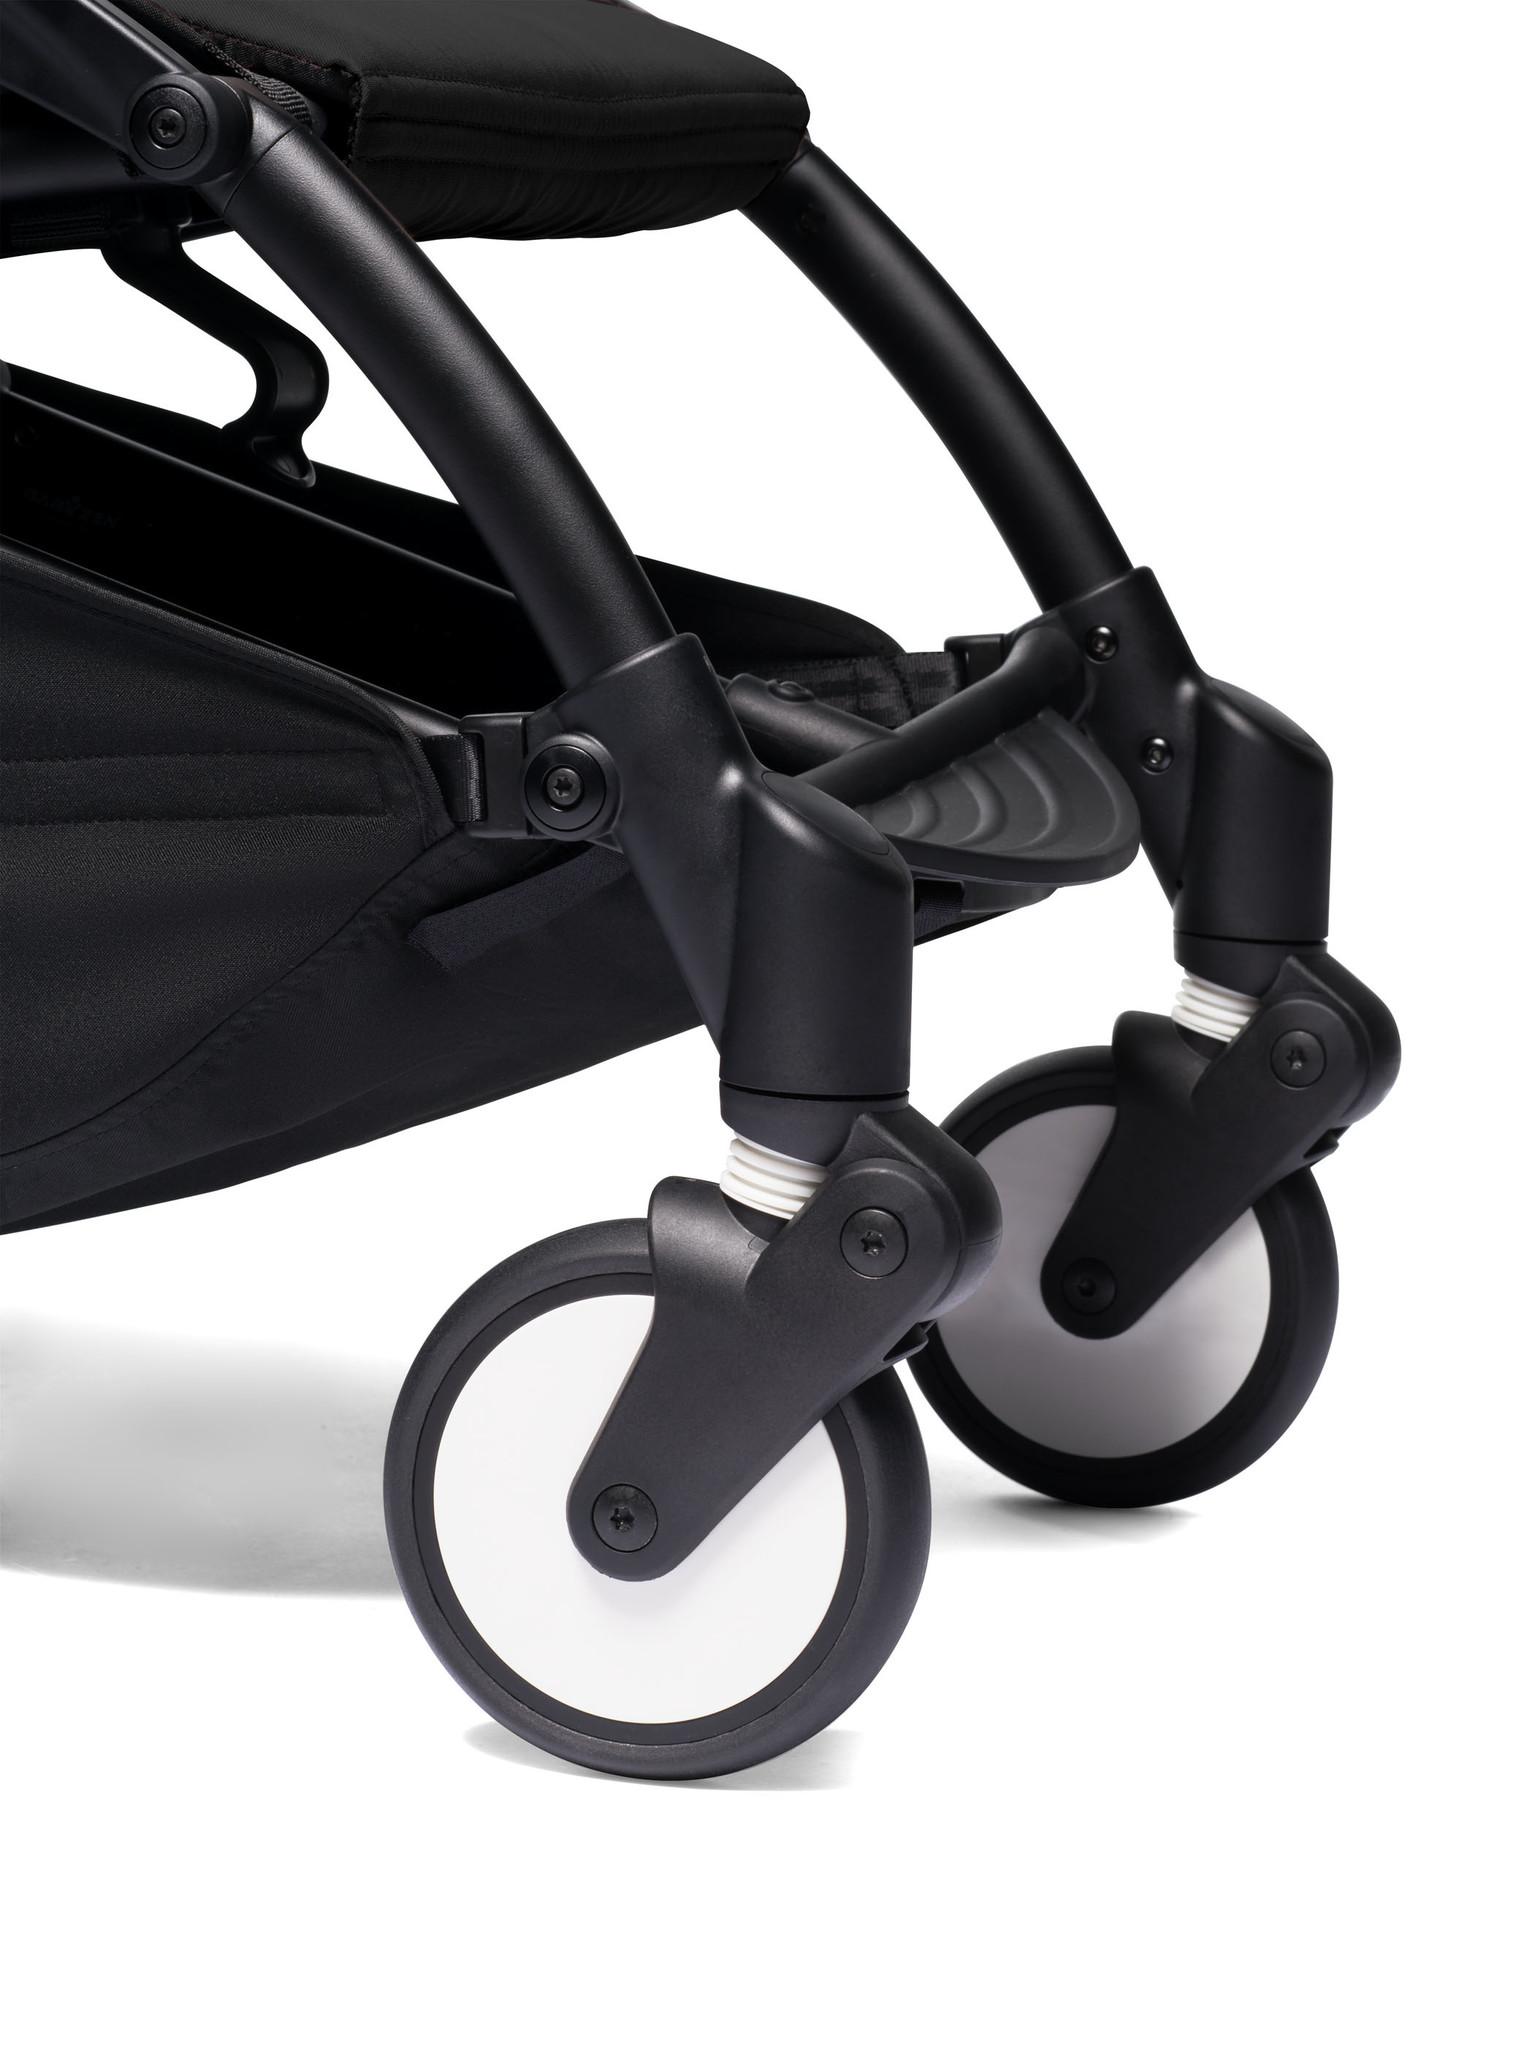 Babyzen Babyzen YOYO² buggy vanaf 6 maanden inclusief beensteun -  zwart met frame wit